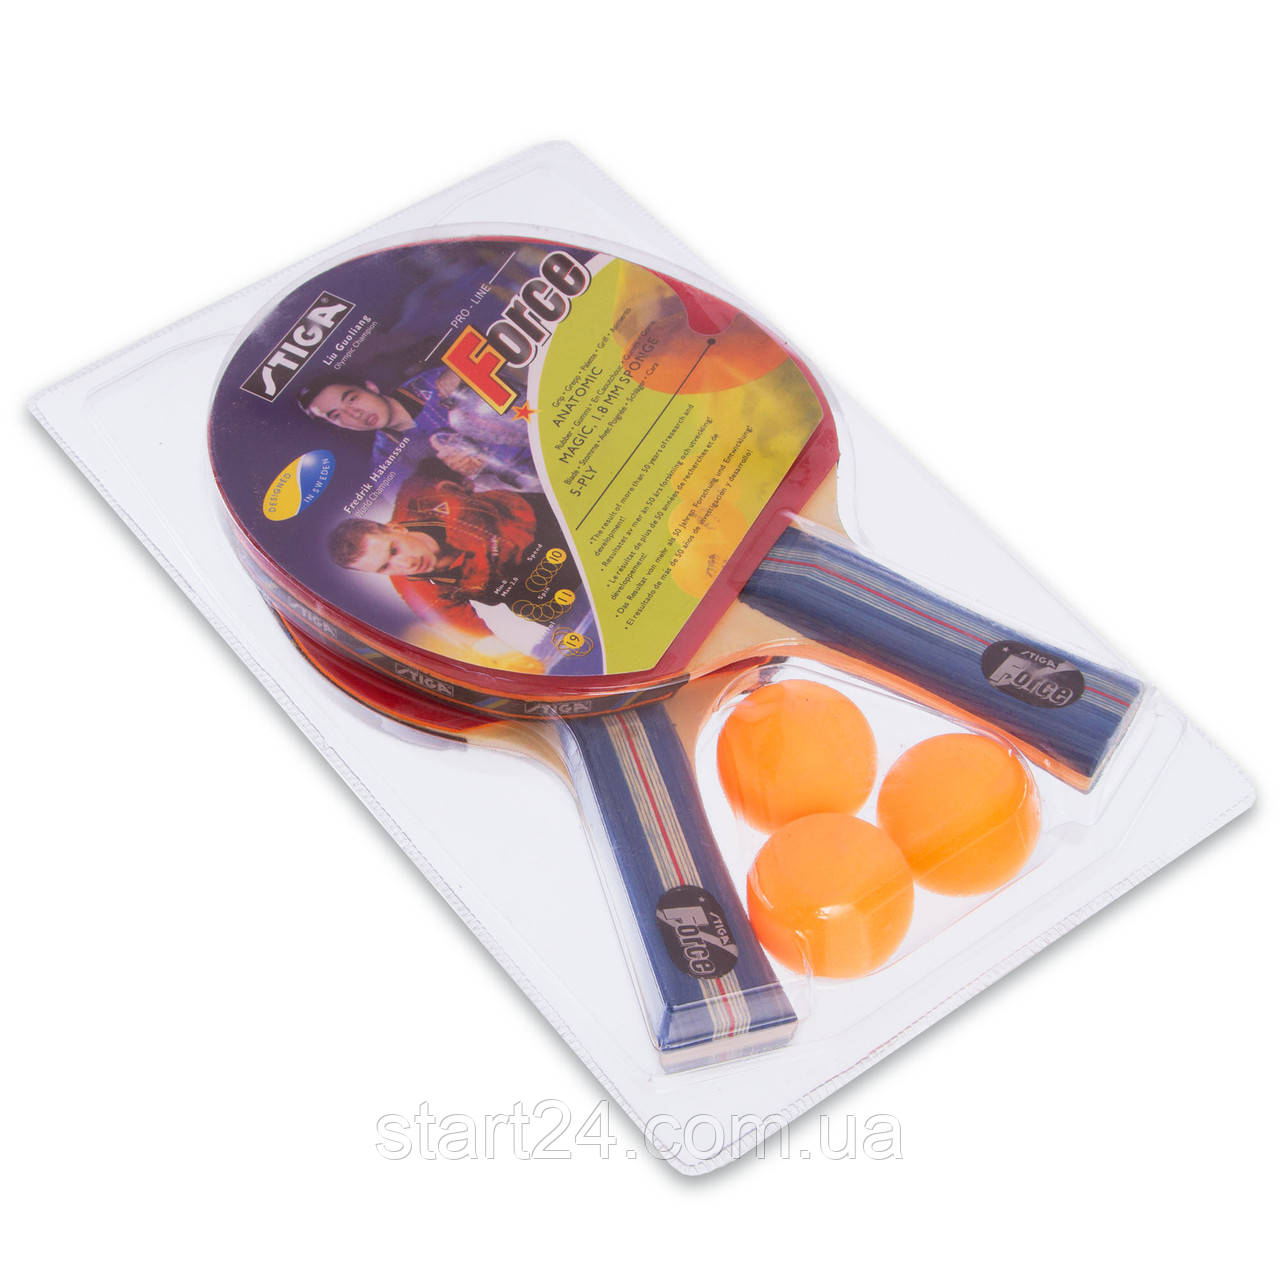 Набір для настільного тенісу 2 ракетки, 3 м'ячі STG FORCE МТ-6367 (деревина, гума)